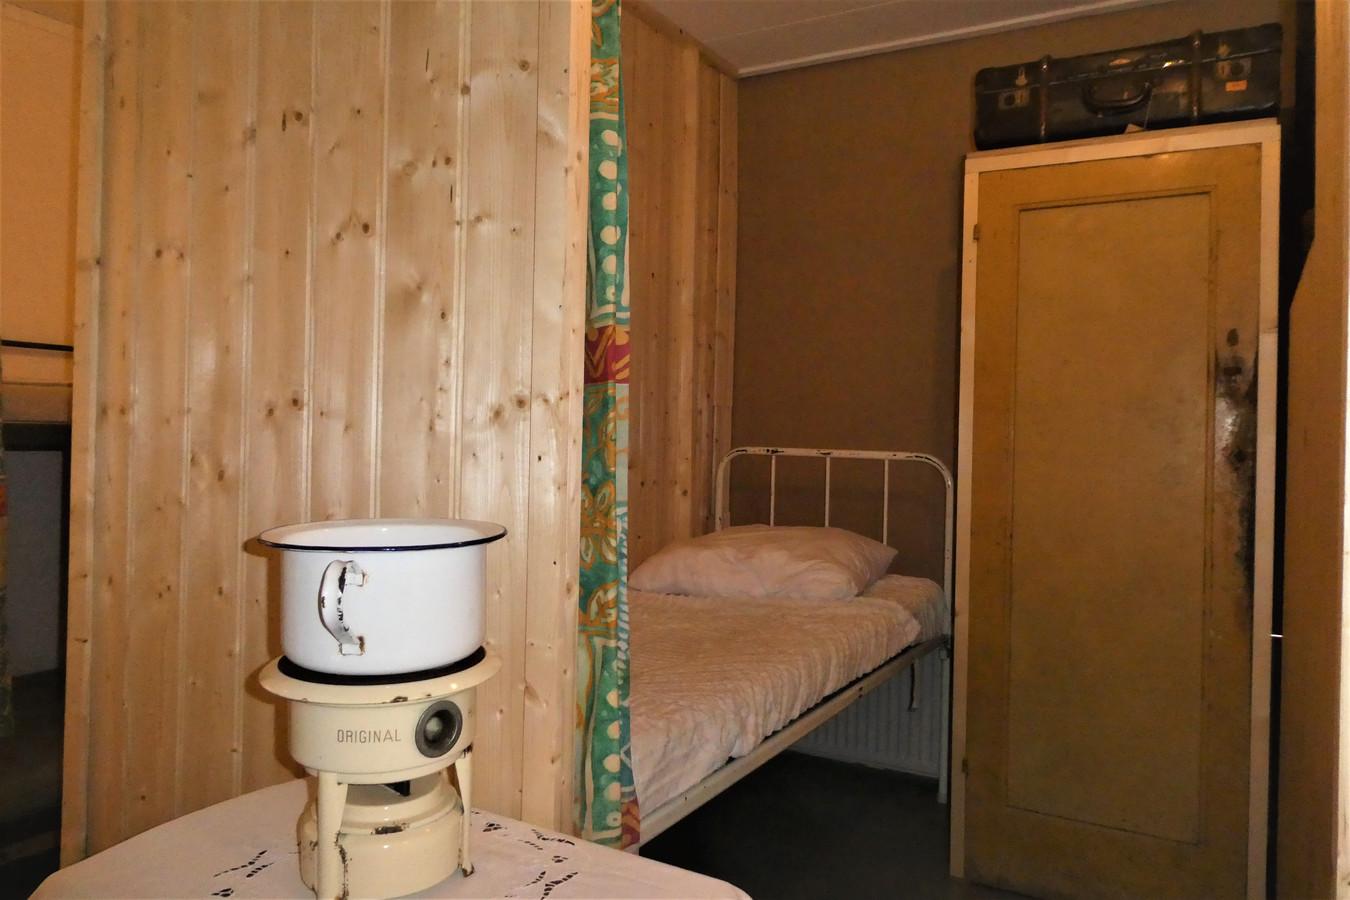 In de Beekvlietboerderij is een kleine ruimte omgebouwd tot chambrette. Zoals het er meer dan 75 jaar geleden uitzag in het gijzelaarskamp seminarie Beekvliet.